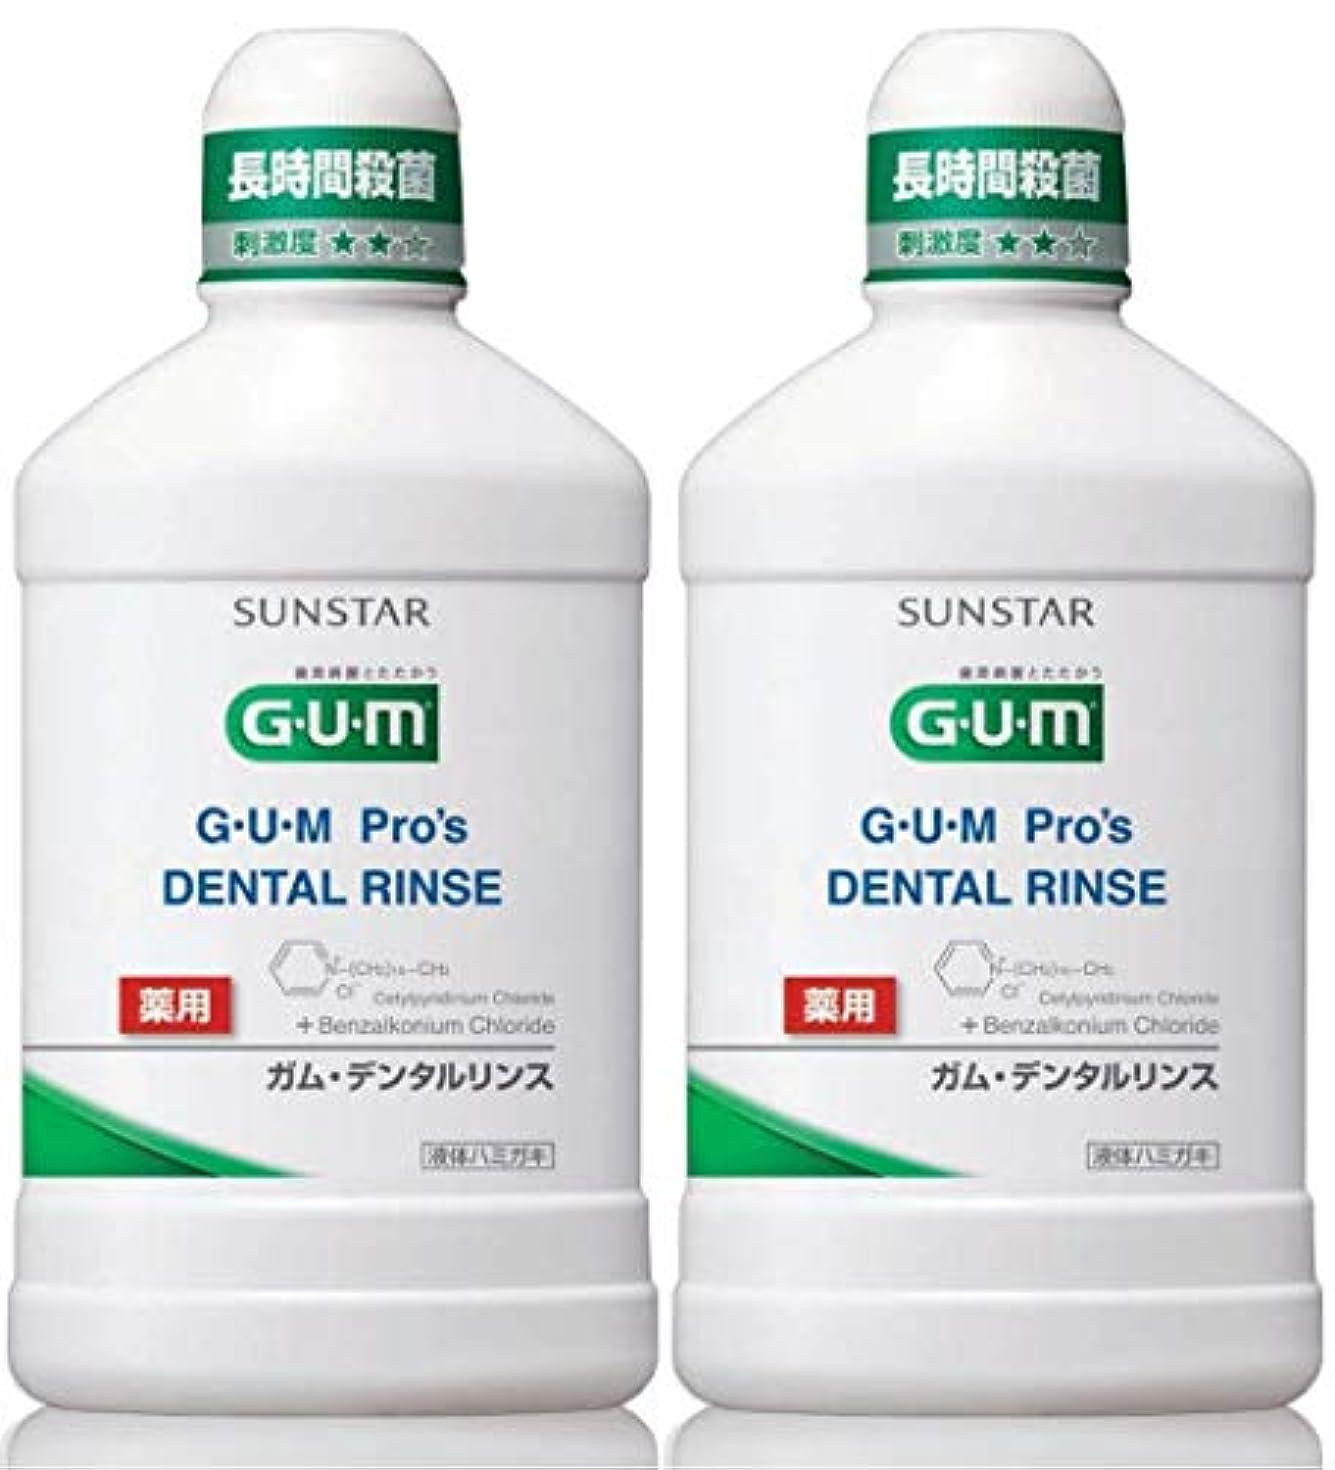 エンゲージメント重なる野心薬用サンスター GUM Pro's デンタルリンス レギュラー 1本(500ml) 液体歯磨き× 2本